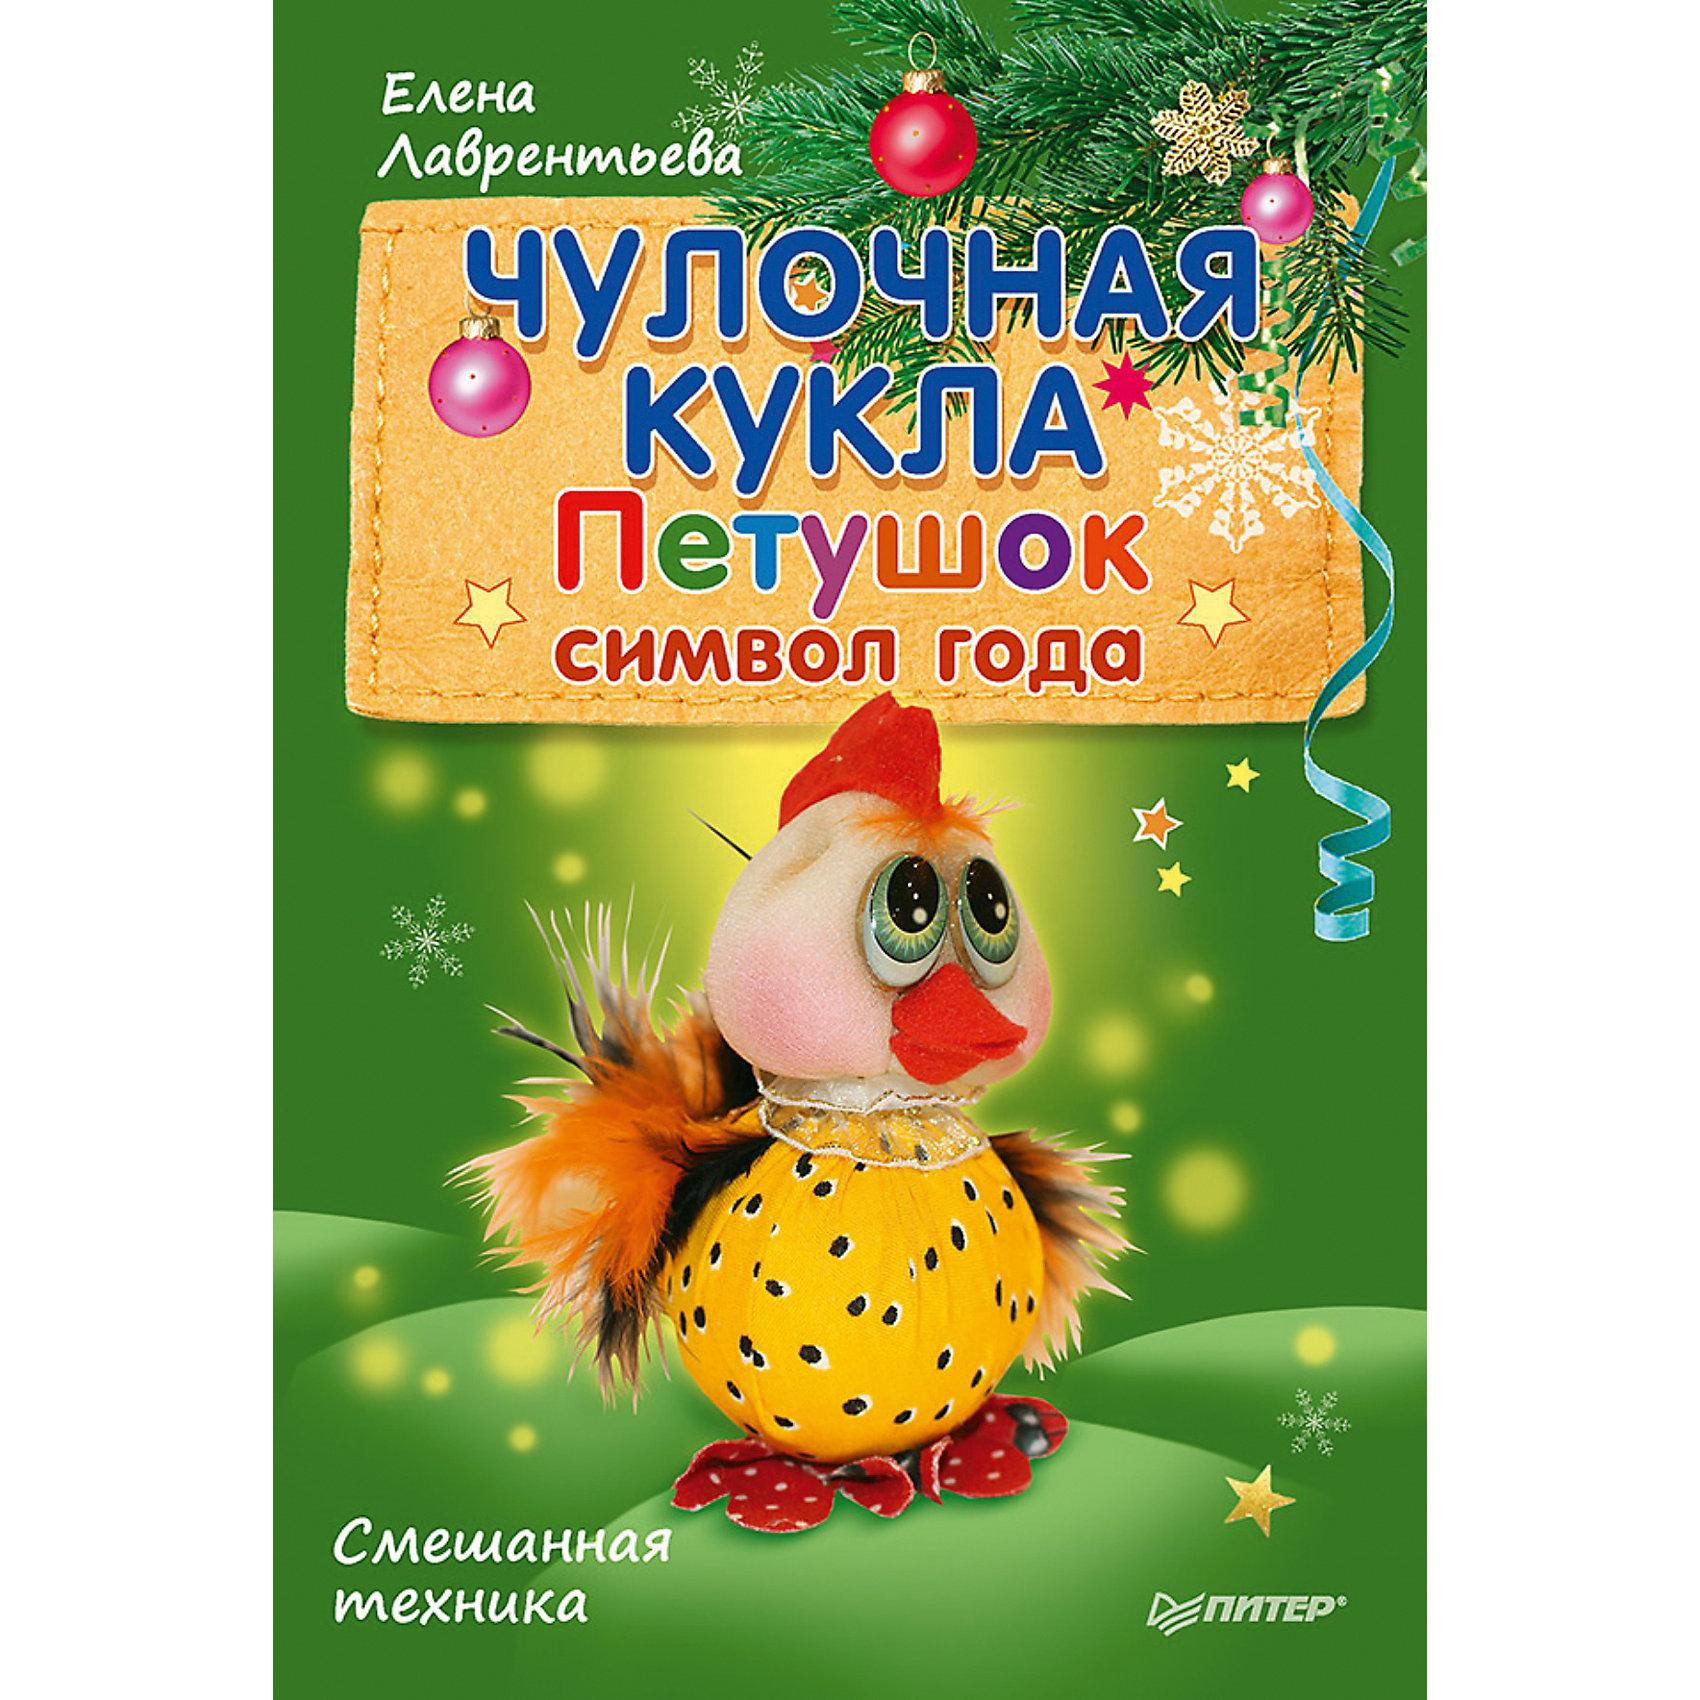 Комплект из 2 книг Чулочная кукла: петушок и новогодний гномНовогодние книги<br>Комплект из 2 книг Чулочная кукла: петушок и новогодний гном<br><br>Характеристики:<br><br>- издательство: Питер<br>- количество страниц: 16 в каждой книжечке<br>- формат: 14 * 20,5 см.<br>- Тип обложки: мягкая<br>- Иллюстрации: цветные<br>- вес: 64 гр.<br><br>Целый комплект книг с мастер классами по изготовлению чулочных кукол раскроет все основы шитья чулочных кукол. Новогодняя тематика поделок поможет привнести атмосферу праздников в дом. Пошаговые инструкции подробно объясняют с чего начинать шитье, какие ткани подбирать, какие использовать наполнители и инструменты. Благодаря этим мастер-классам можно придумать свои уникальные дизайны кукол и изготовить множество подарков для любимых и близких. Комплект включает в себя две книги: петушок и новогодний гном. Работа с тканями и шитьем развивает моторику рук, повышает творческие способности и является просто отличным хобби. Книги подойдут в подарок как и детям младшего школьного возраста, так и подросткам. <br><br>Комплект из 2 книг Чулочная кукла: петушок и новогодний гном можно купить в нашем интернет-магазине.<br><br>Ширина мм: 205<br>Глубина мм: 141<br>Высота мм: 2<br>Вес г: 62<br>Возраст от месяцев: 96<br>Возраст до месяцев: 2147483647<br>Пол: Женский<br>Возраст: Детский<br>SKU: 5164083